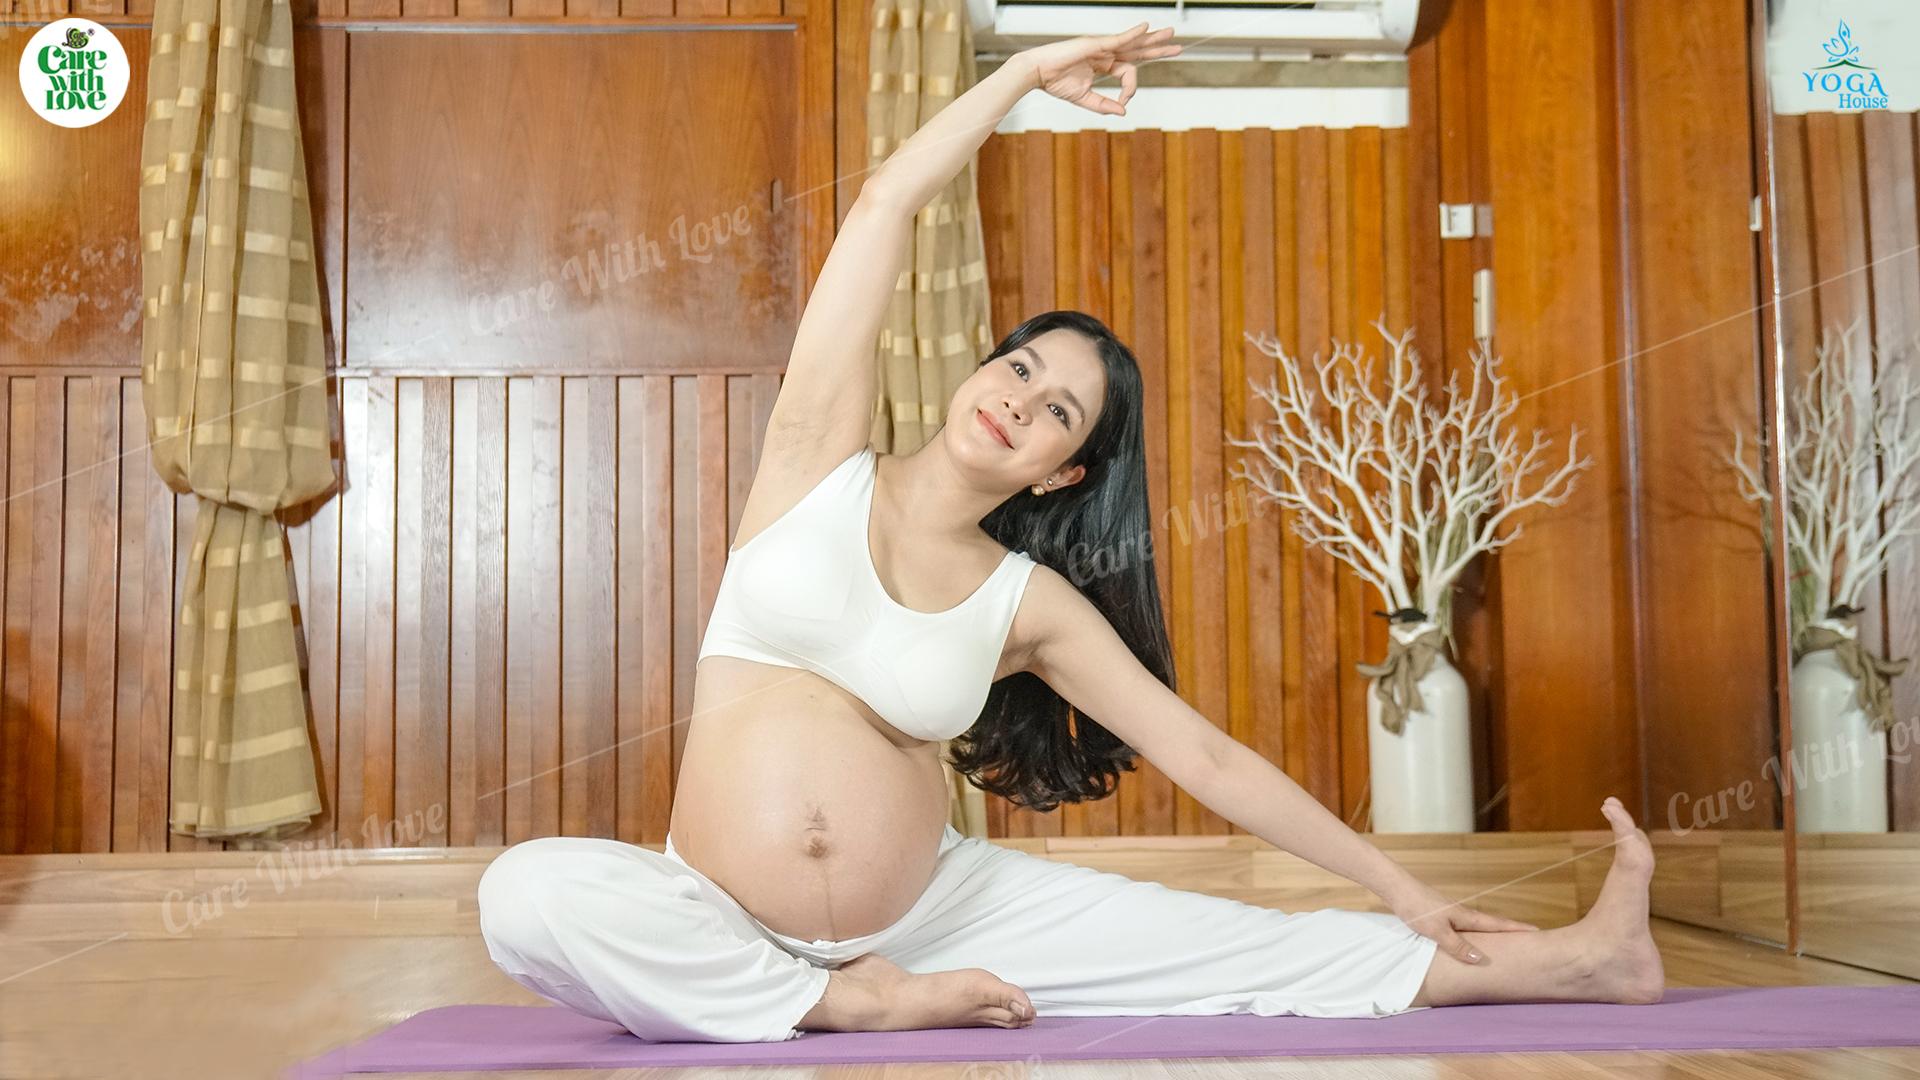 Diệp Lâm Anh bật mí bí quyết giữ dáng, dưỡng thai mạnh khỏe suốt thai kì